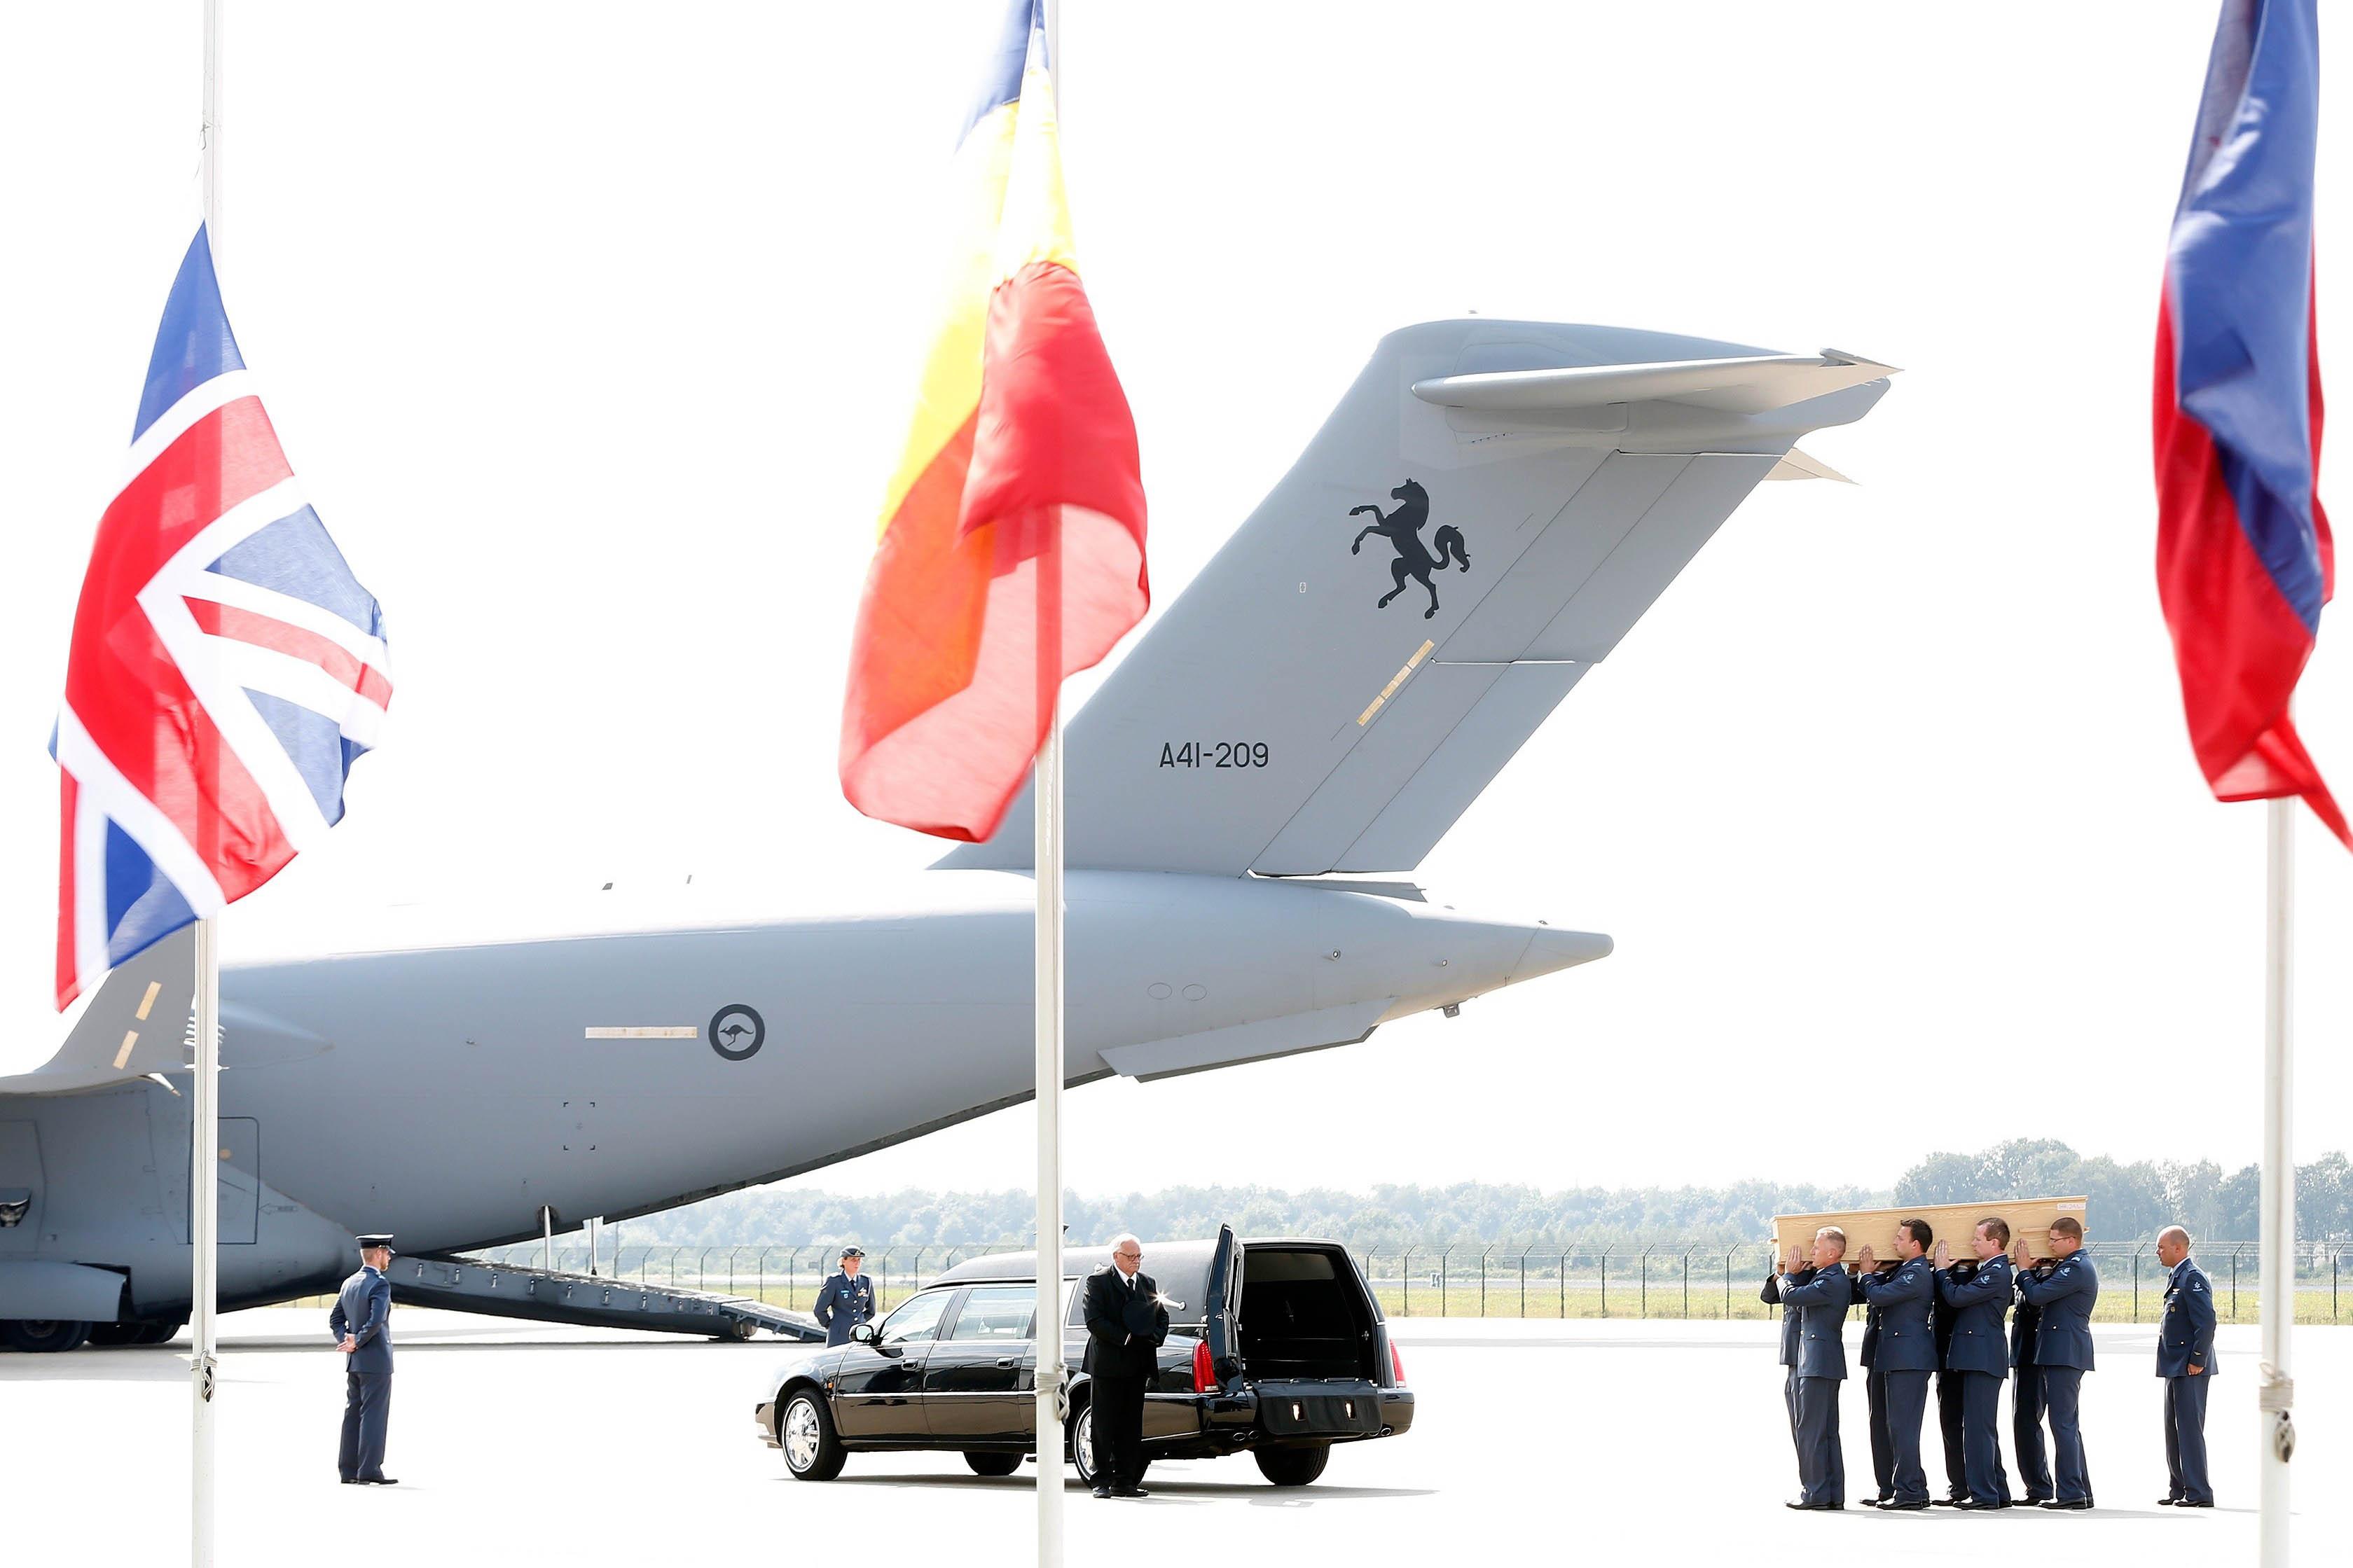 """Medienmanipulation um MH17 und Ukraine-Krise beweist: """"Europa hat sein Geschichtsbewusstsein verloren"""